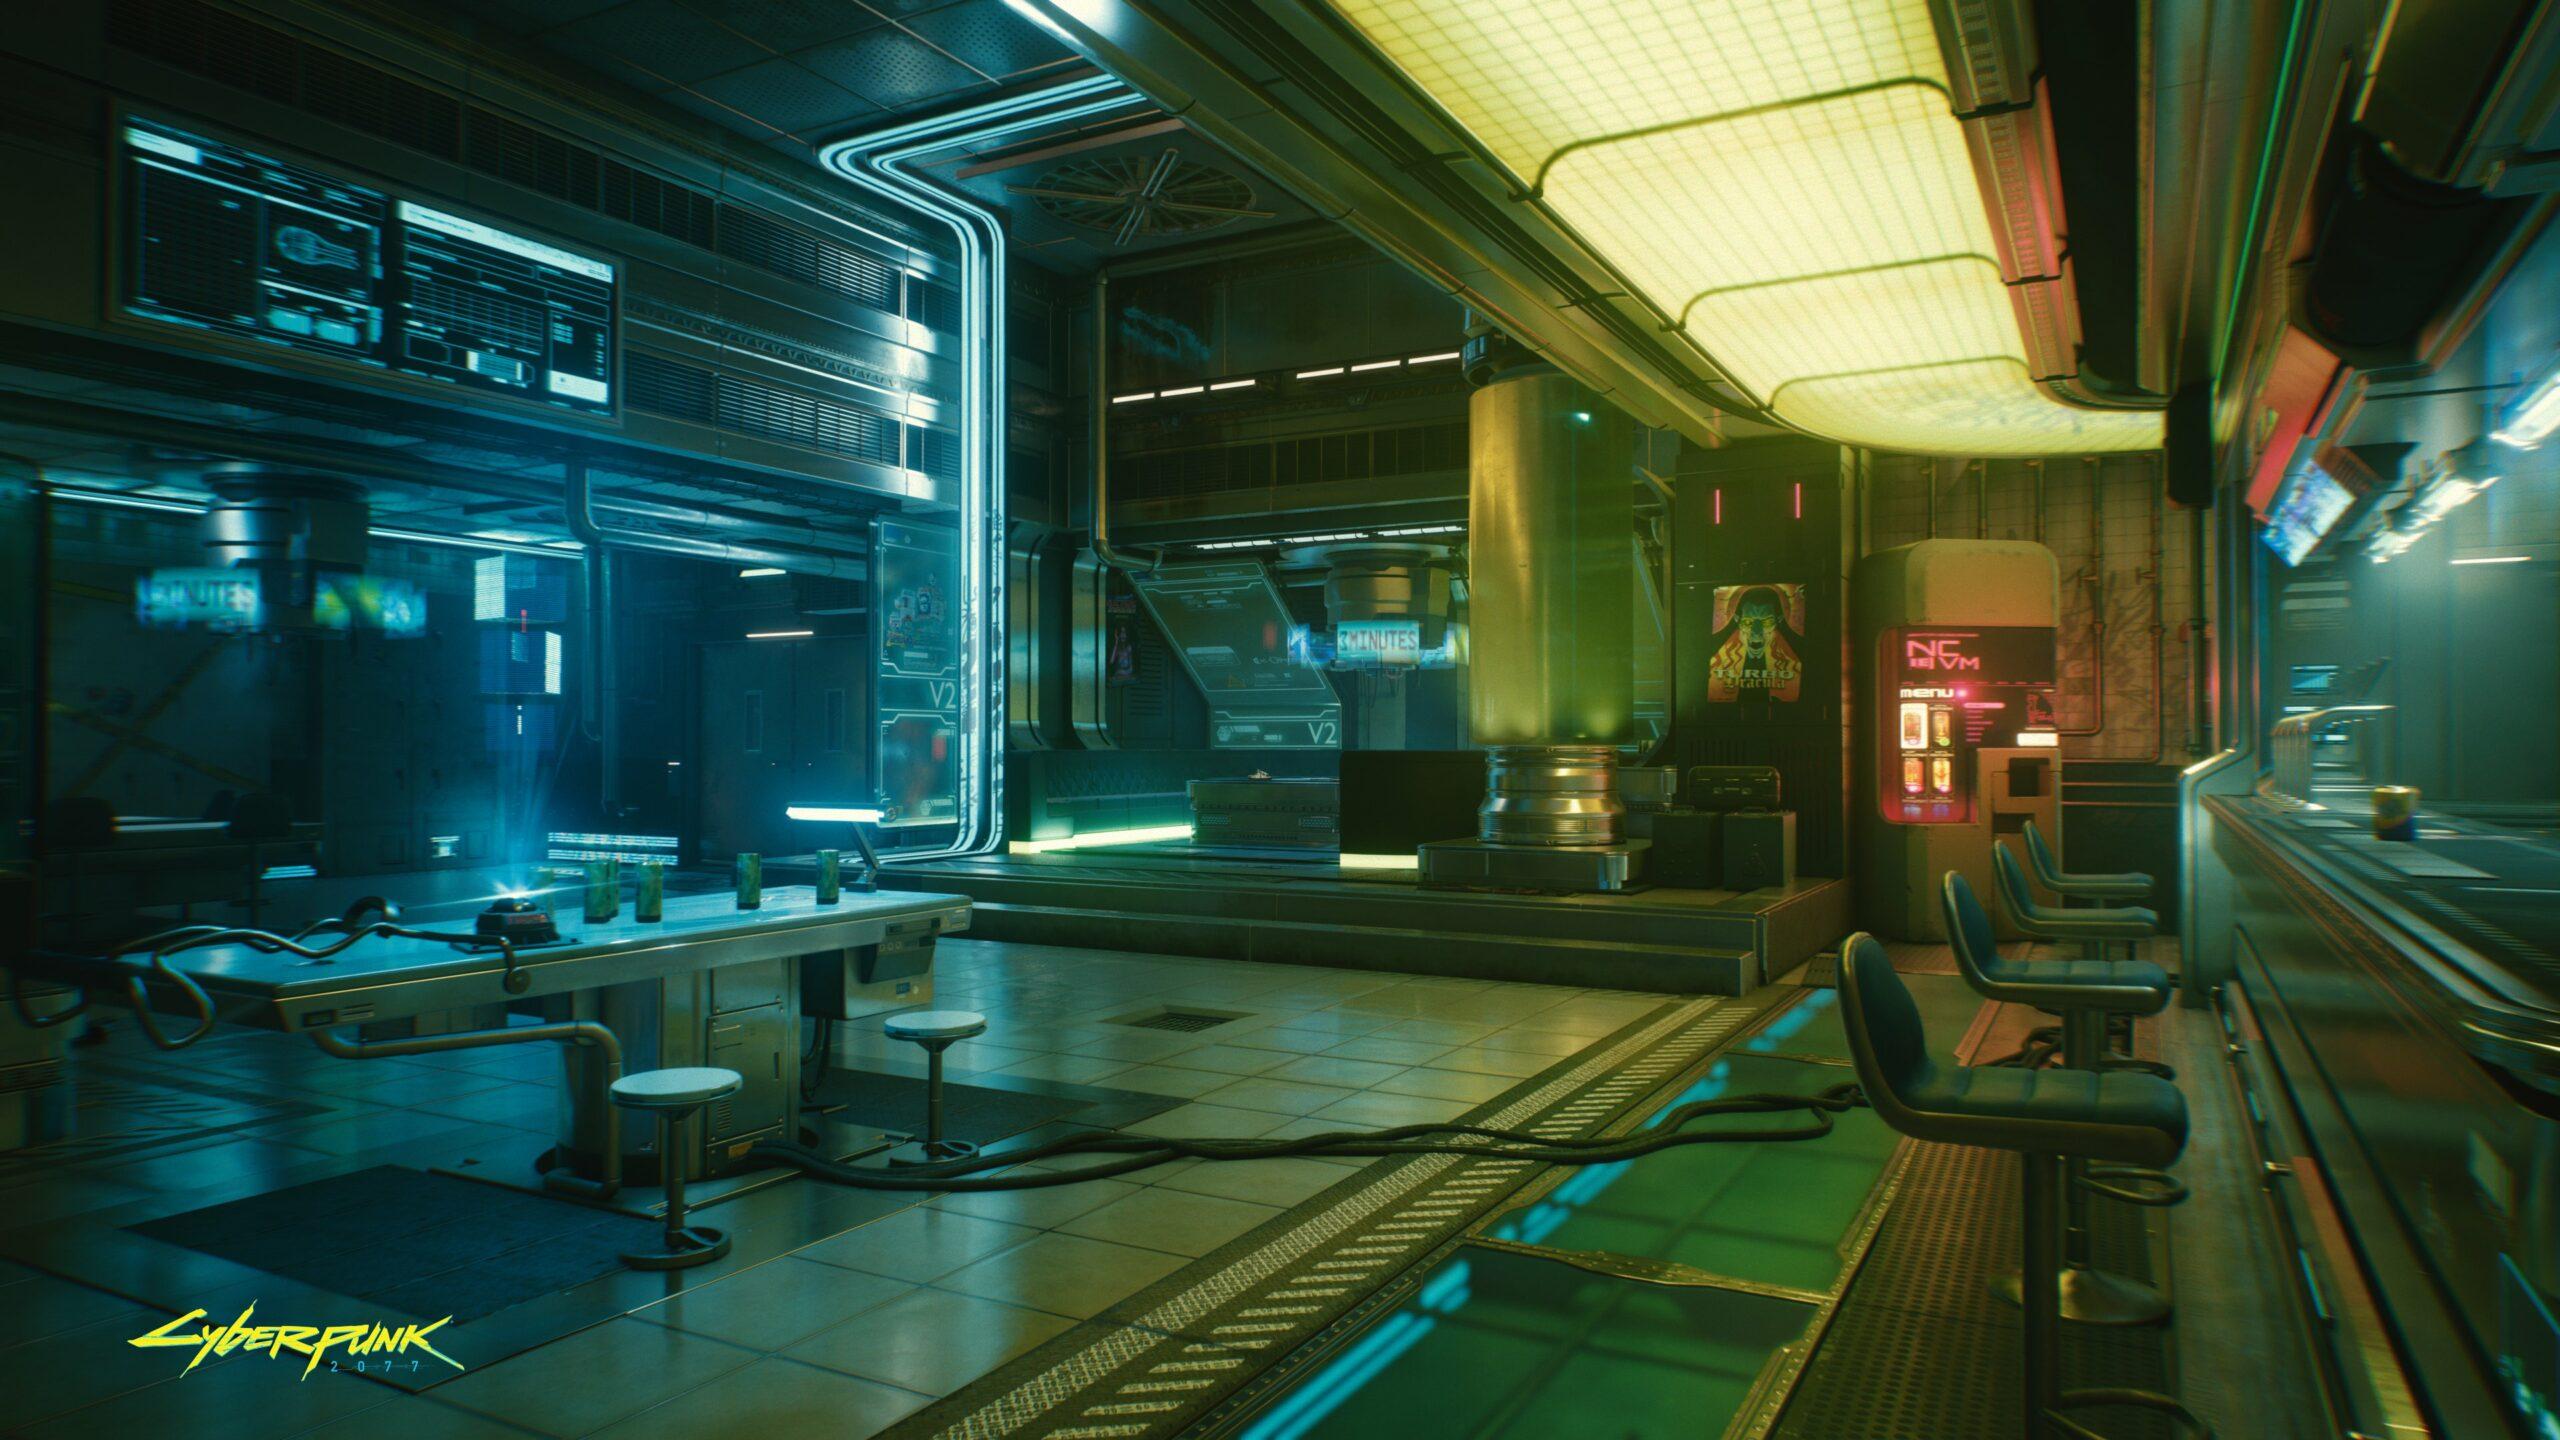 Cyberpunk 2077